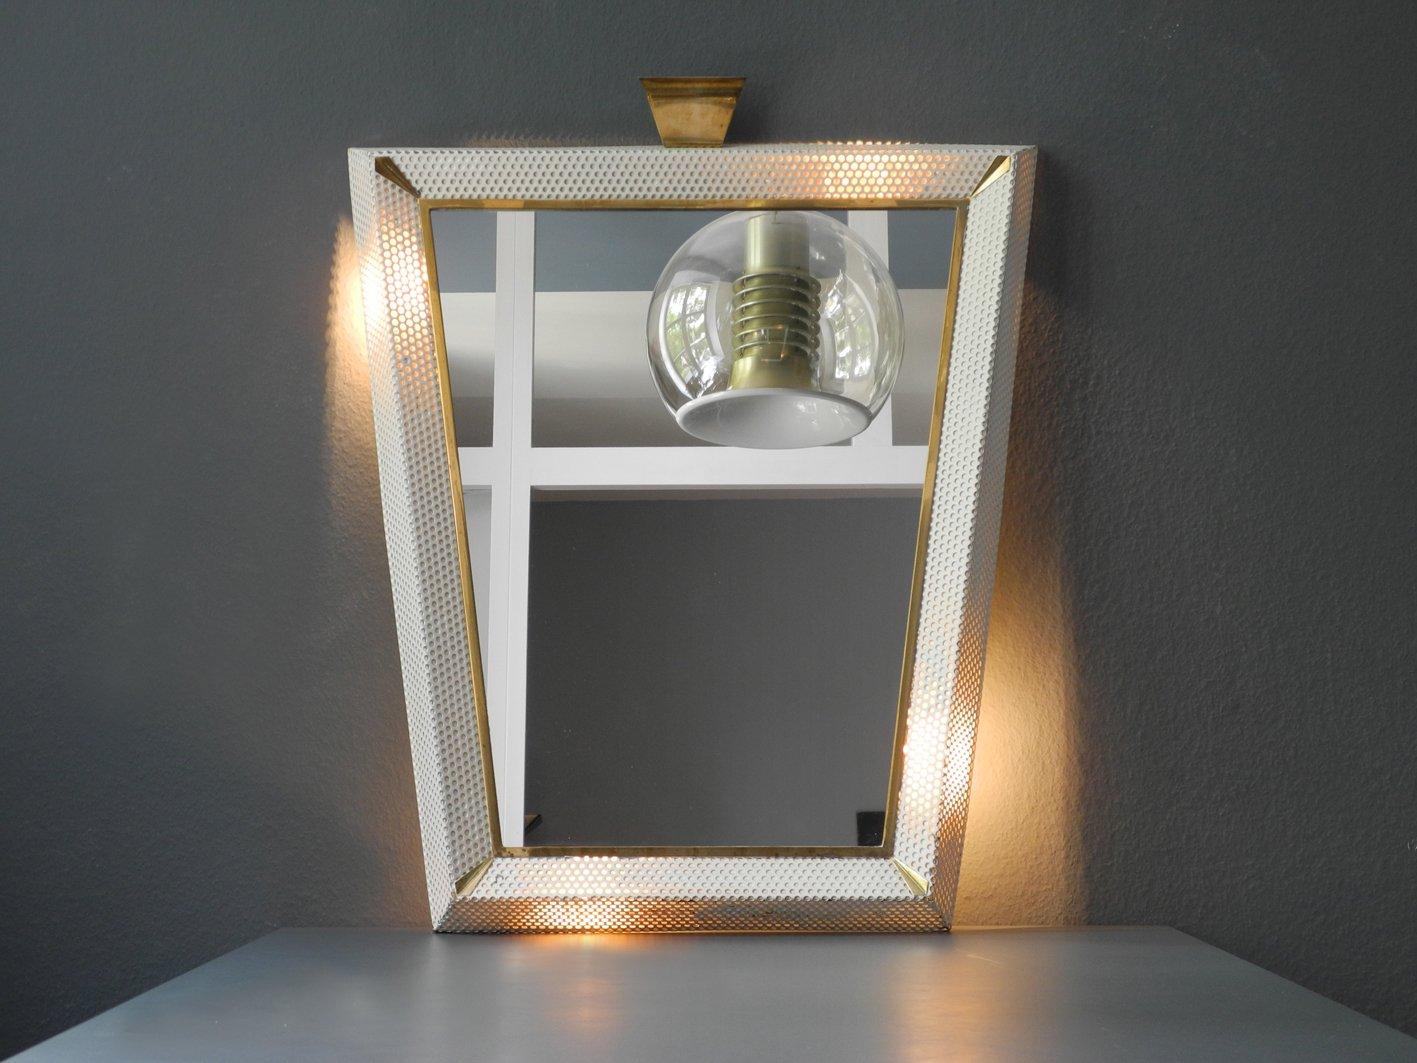 gro er beleuchteter mid century modern spiegel mit messing details bei pamono kaufen. Black Bedroom Furniture Sets. Home Design Ideas